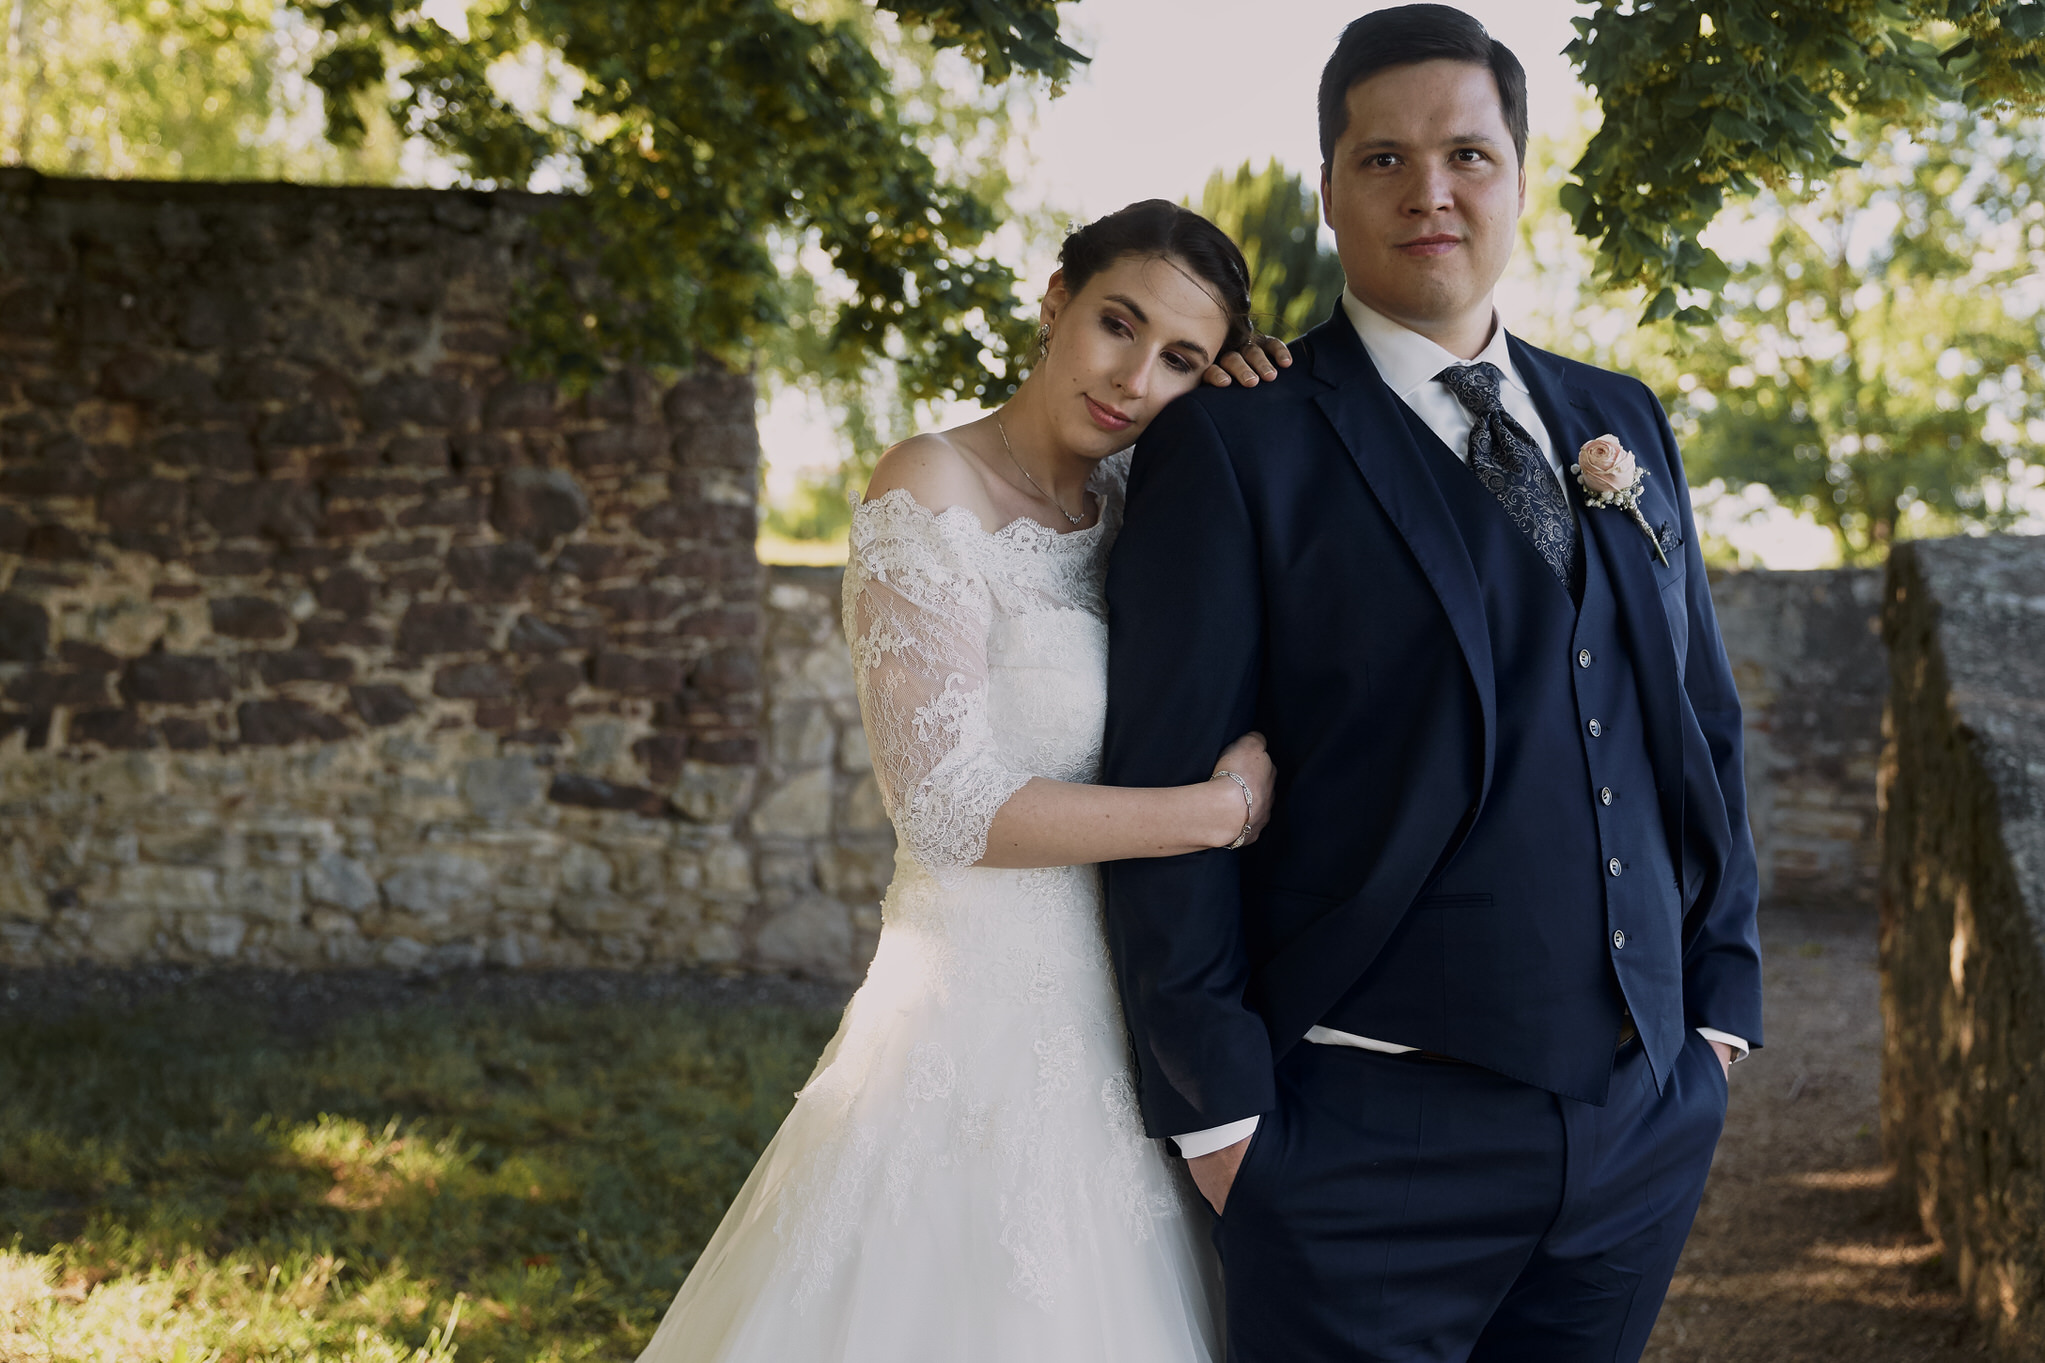 Hochzeitsfotos Pfalz Fotograf Rainer Moster